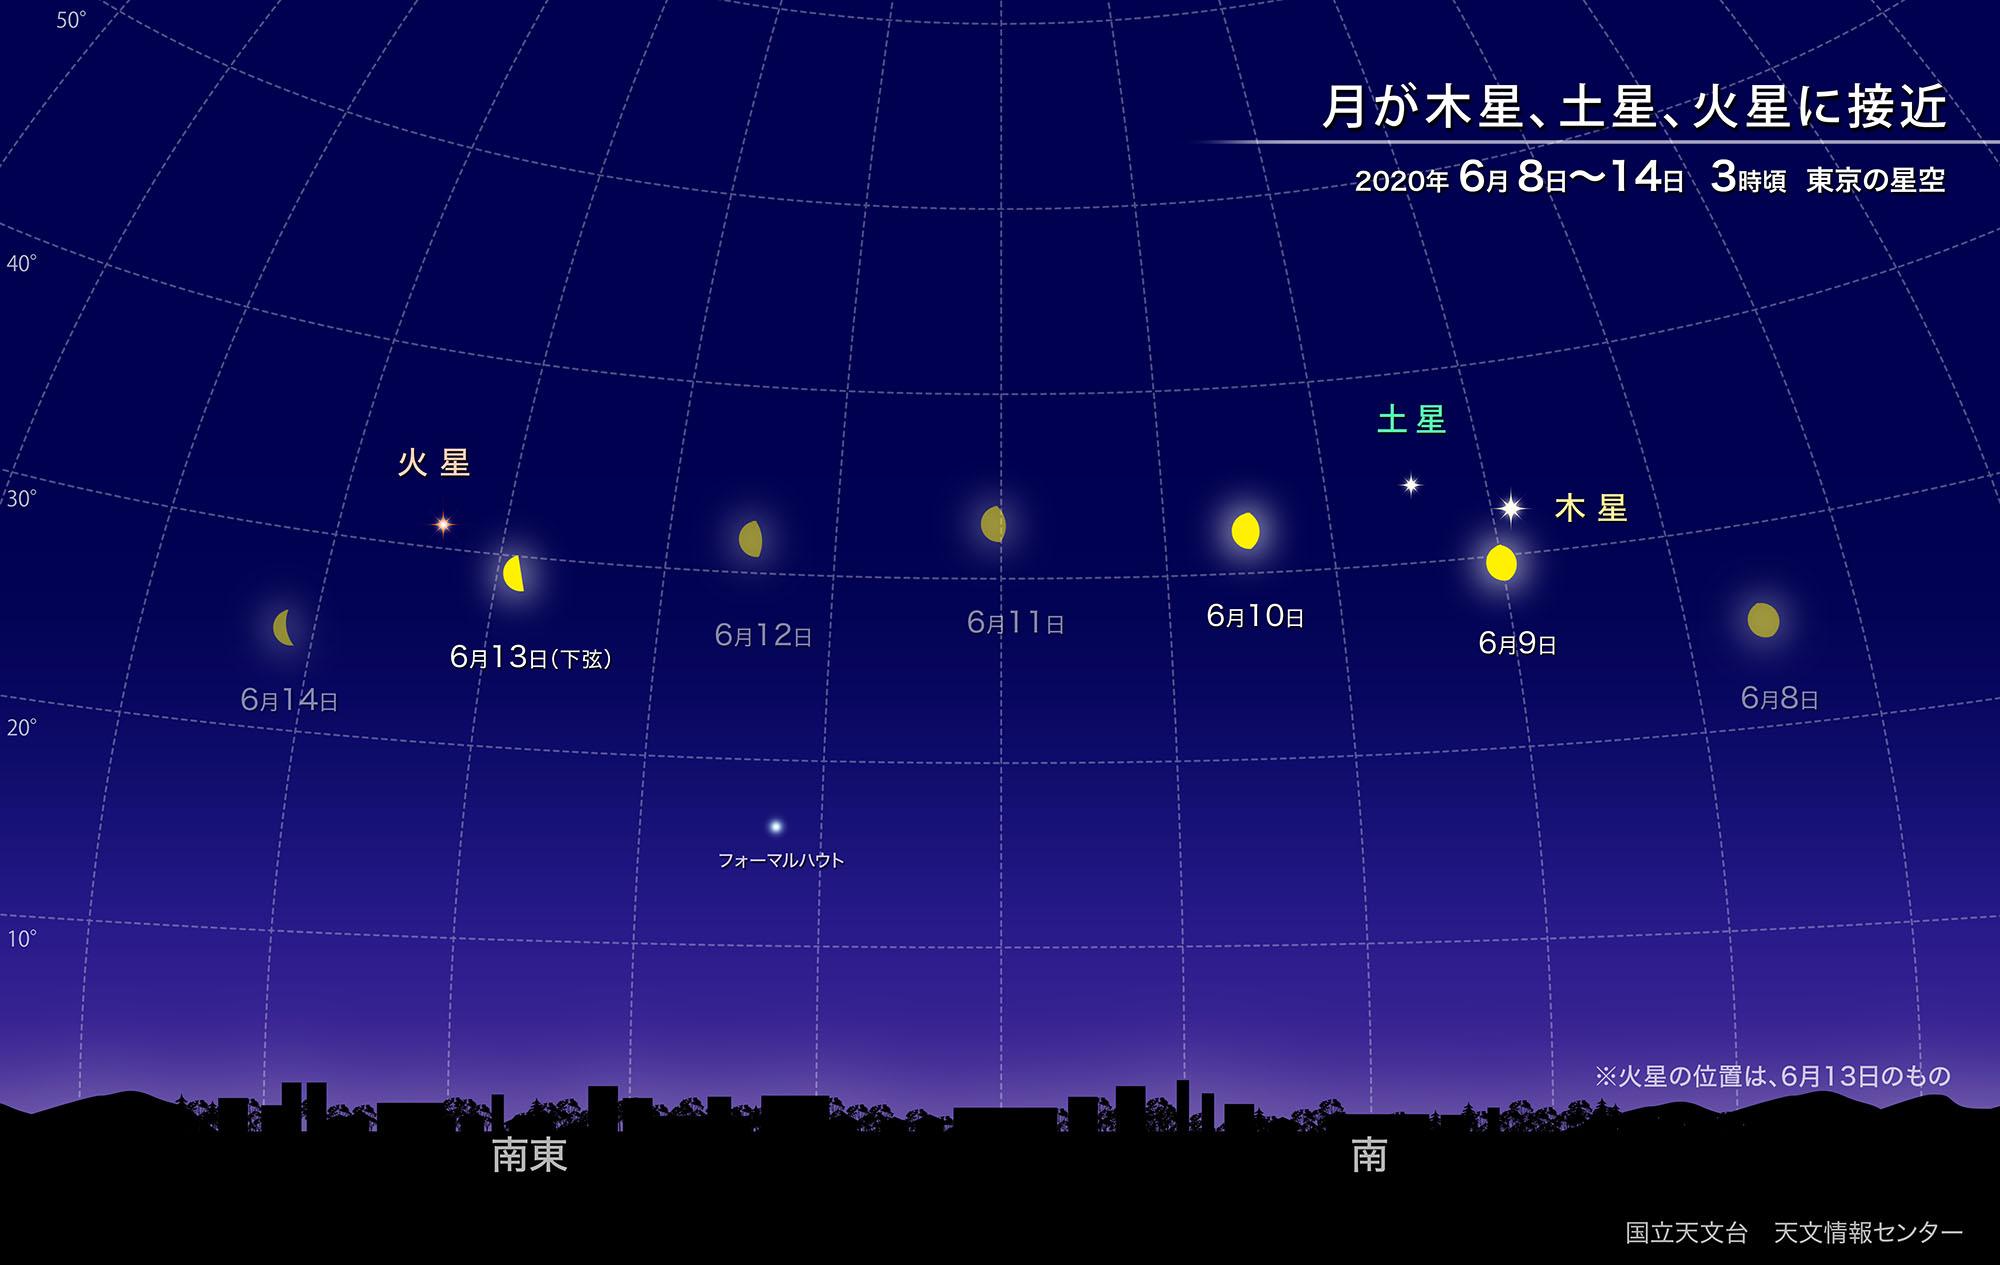 月が木星、土星、火星に次々と接近(2020年6月) | 国立天文台(NAOJ)